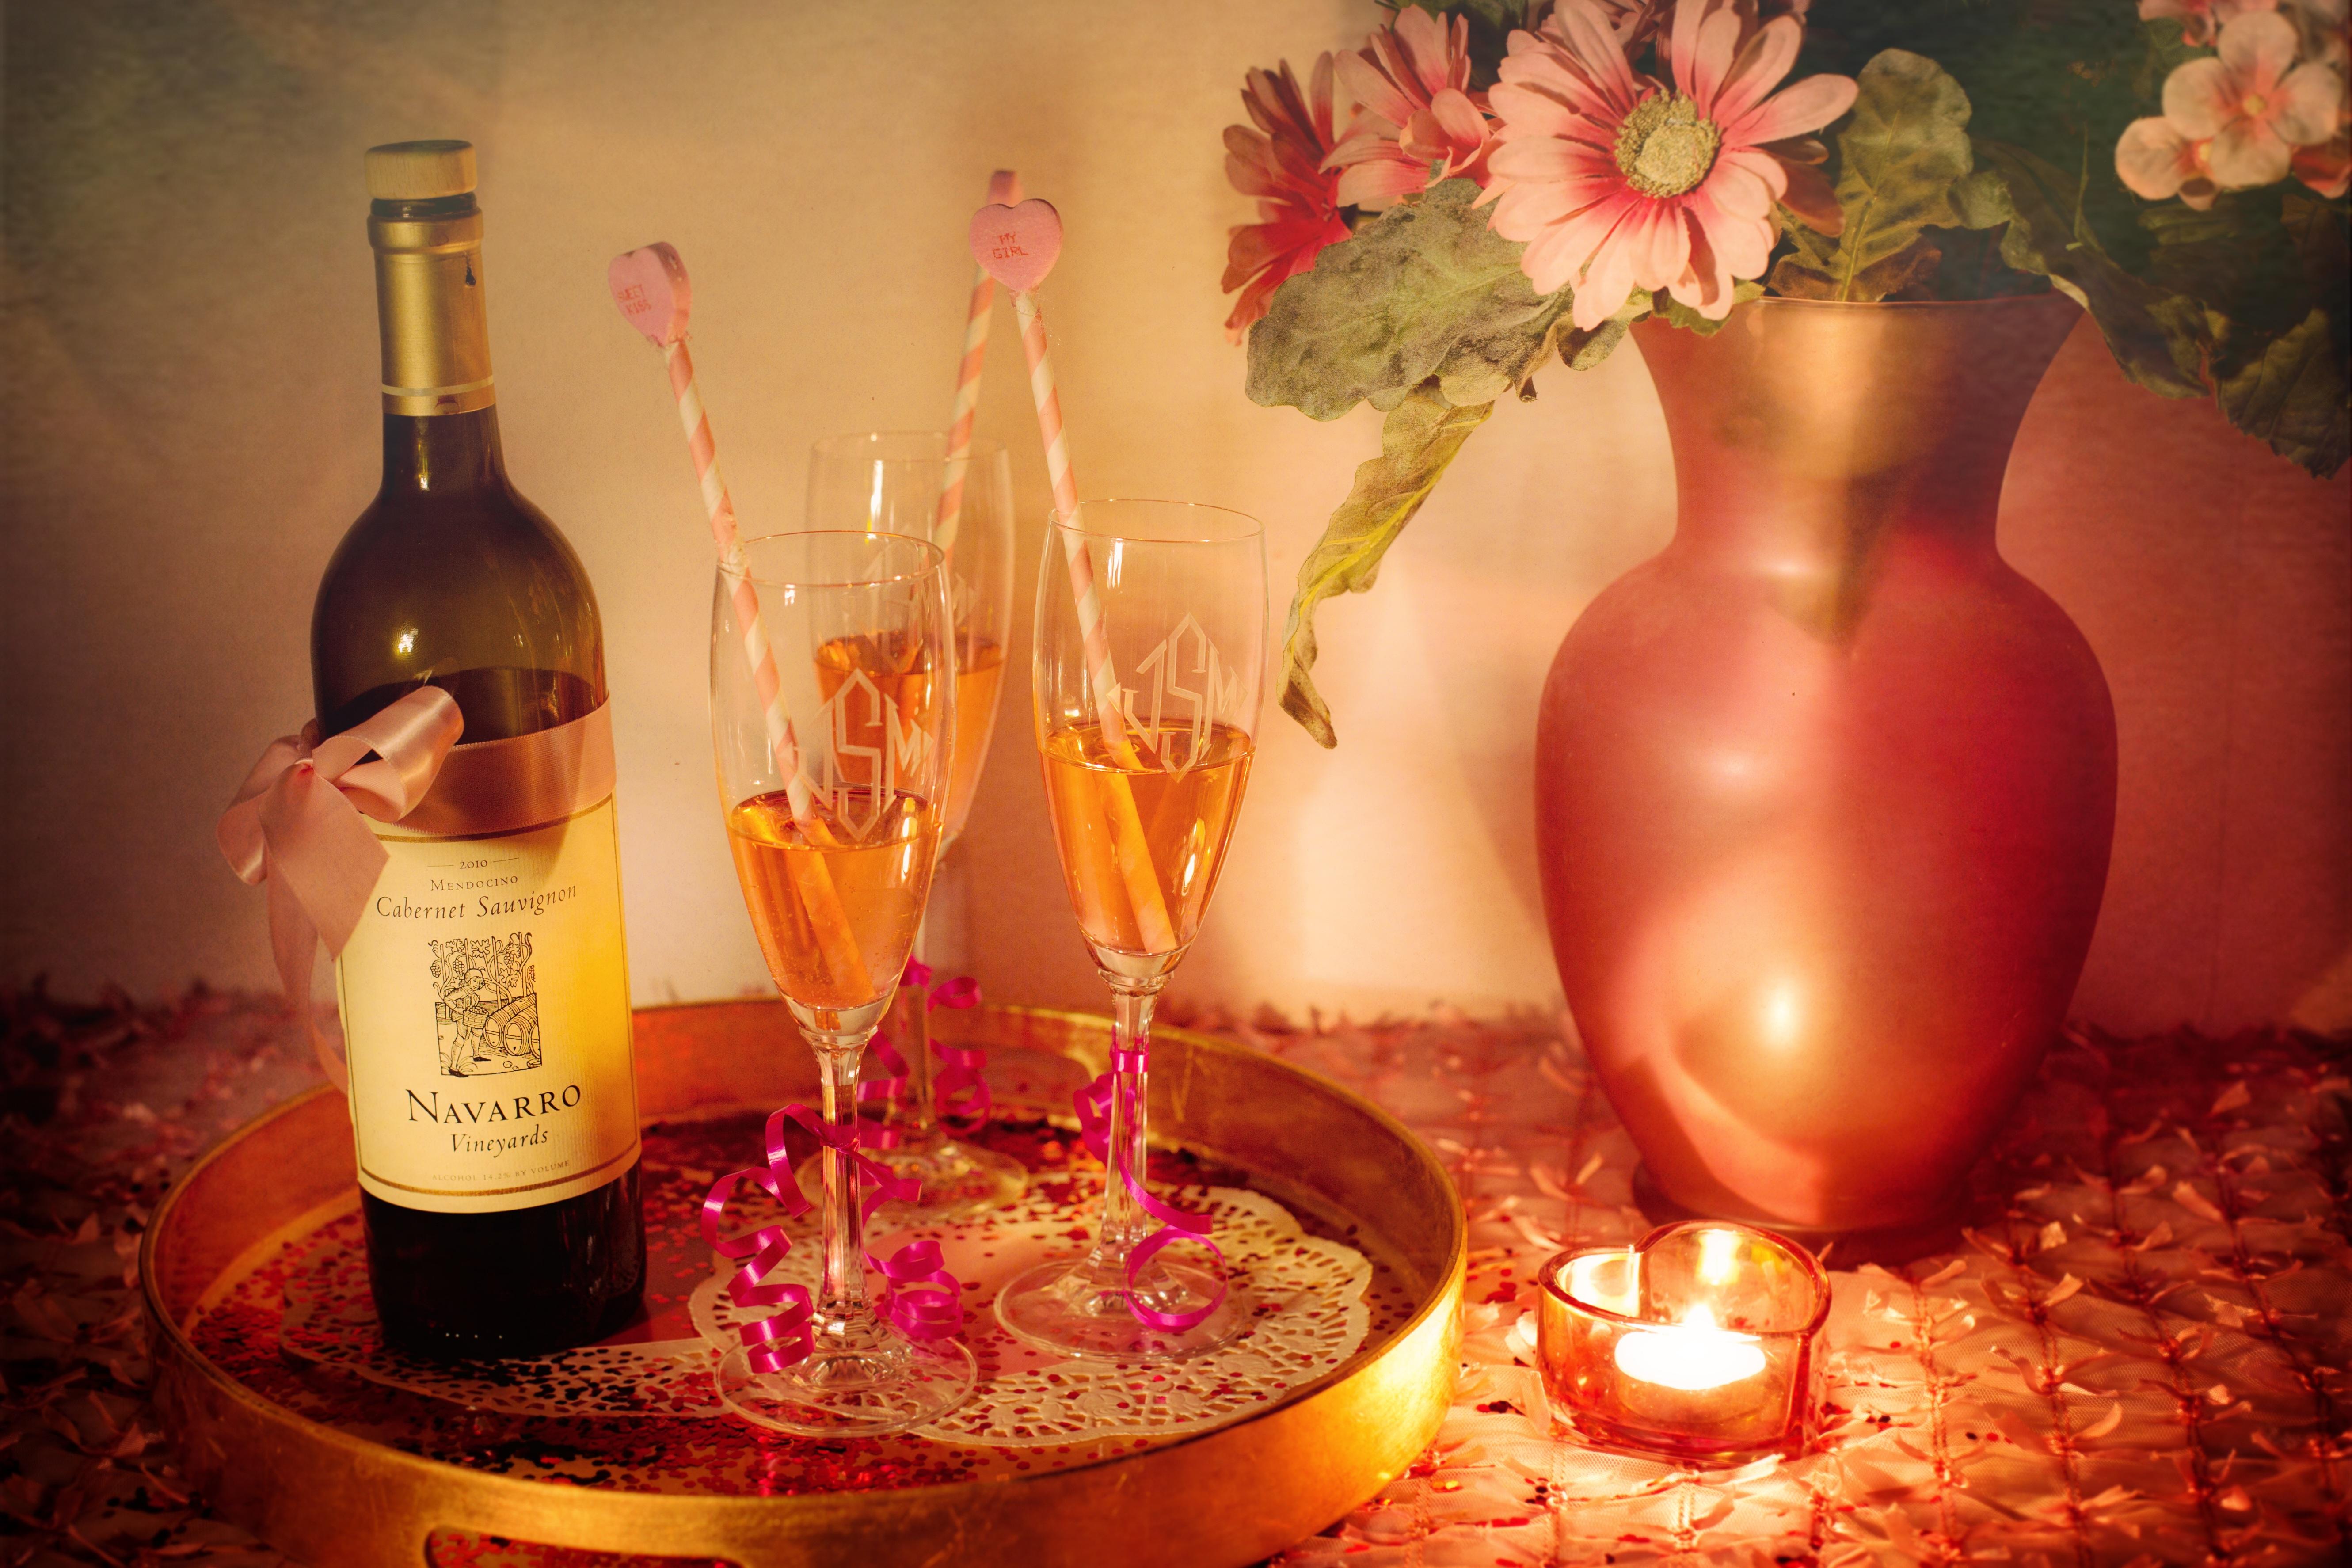 Hình Ảnh : Rượu Nho, Cánh Hoa, Lãng Mạn, Rượu Vang Đỏ, Vẫn Còn Sống, Bộ Đồ  Ăn, Chai Thủy Tinh, Ly Rượu, Buổi Tiệc, Đồ Uống, Rượu Sâm Banh, Rượu Mùi,  ...